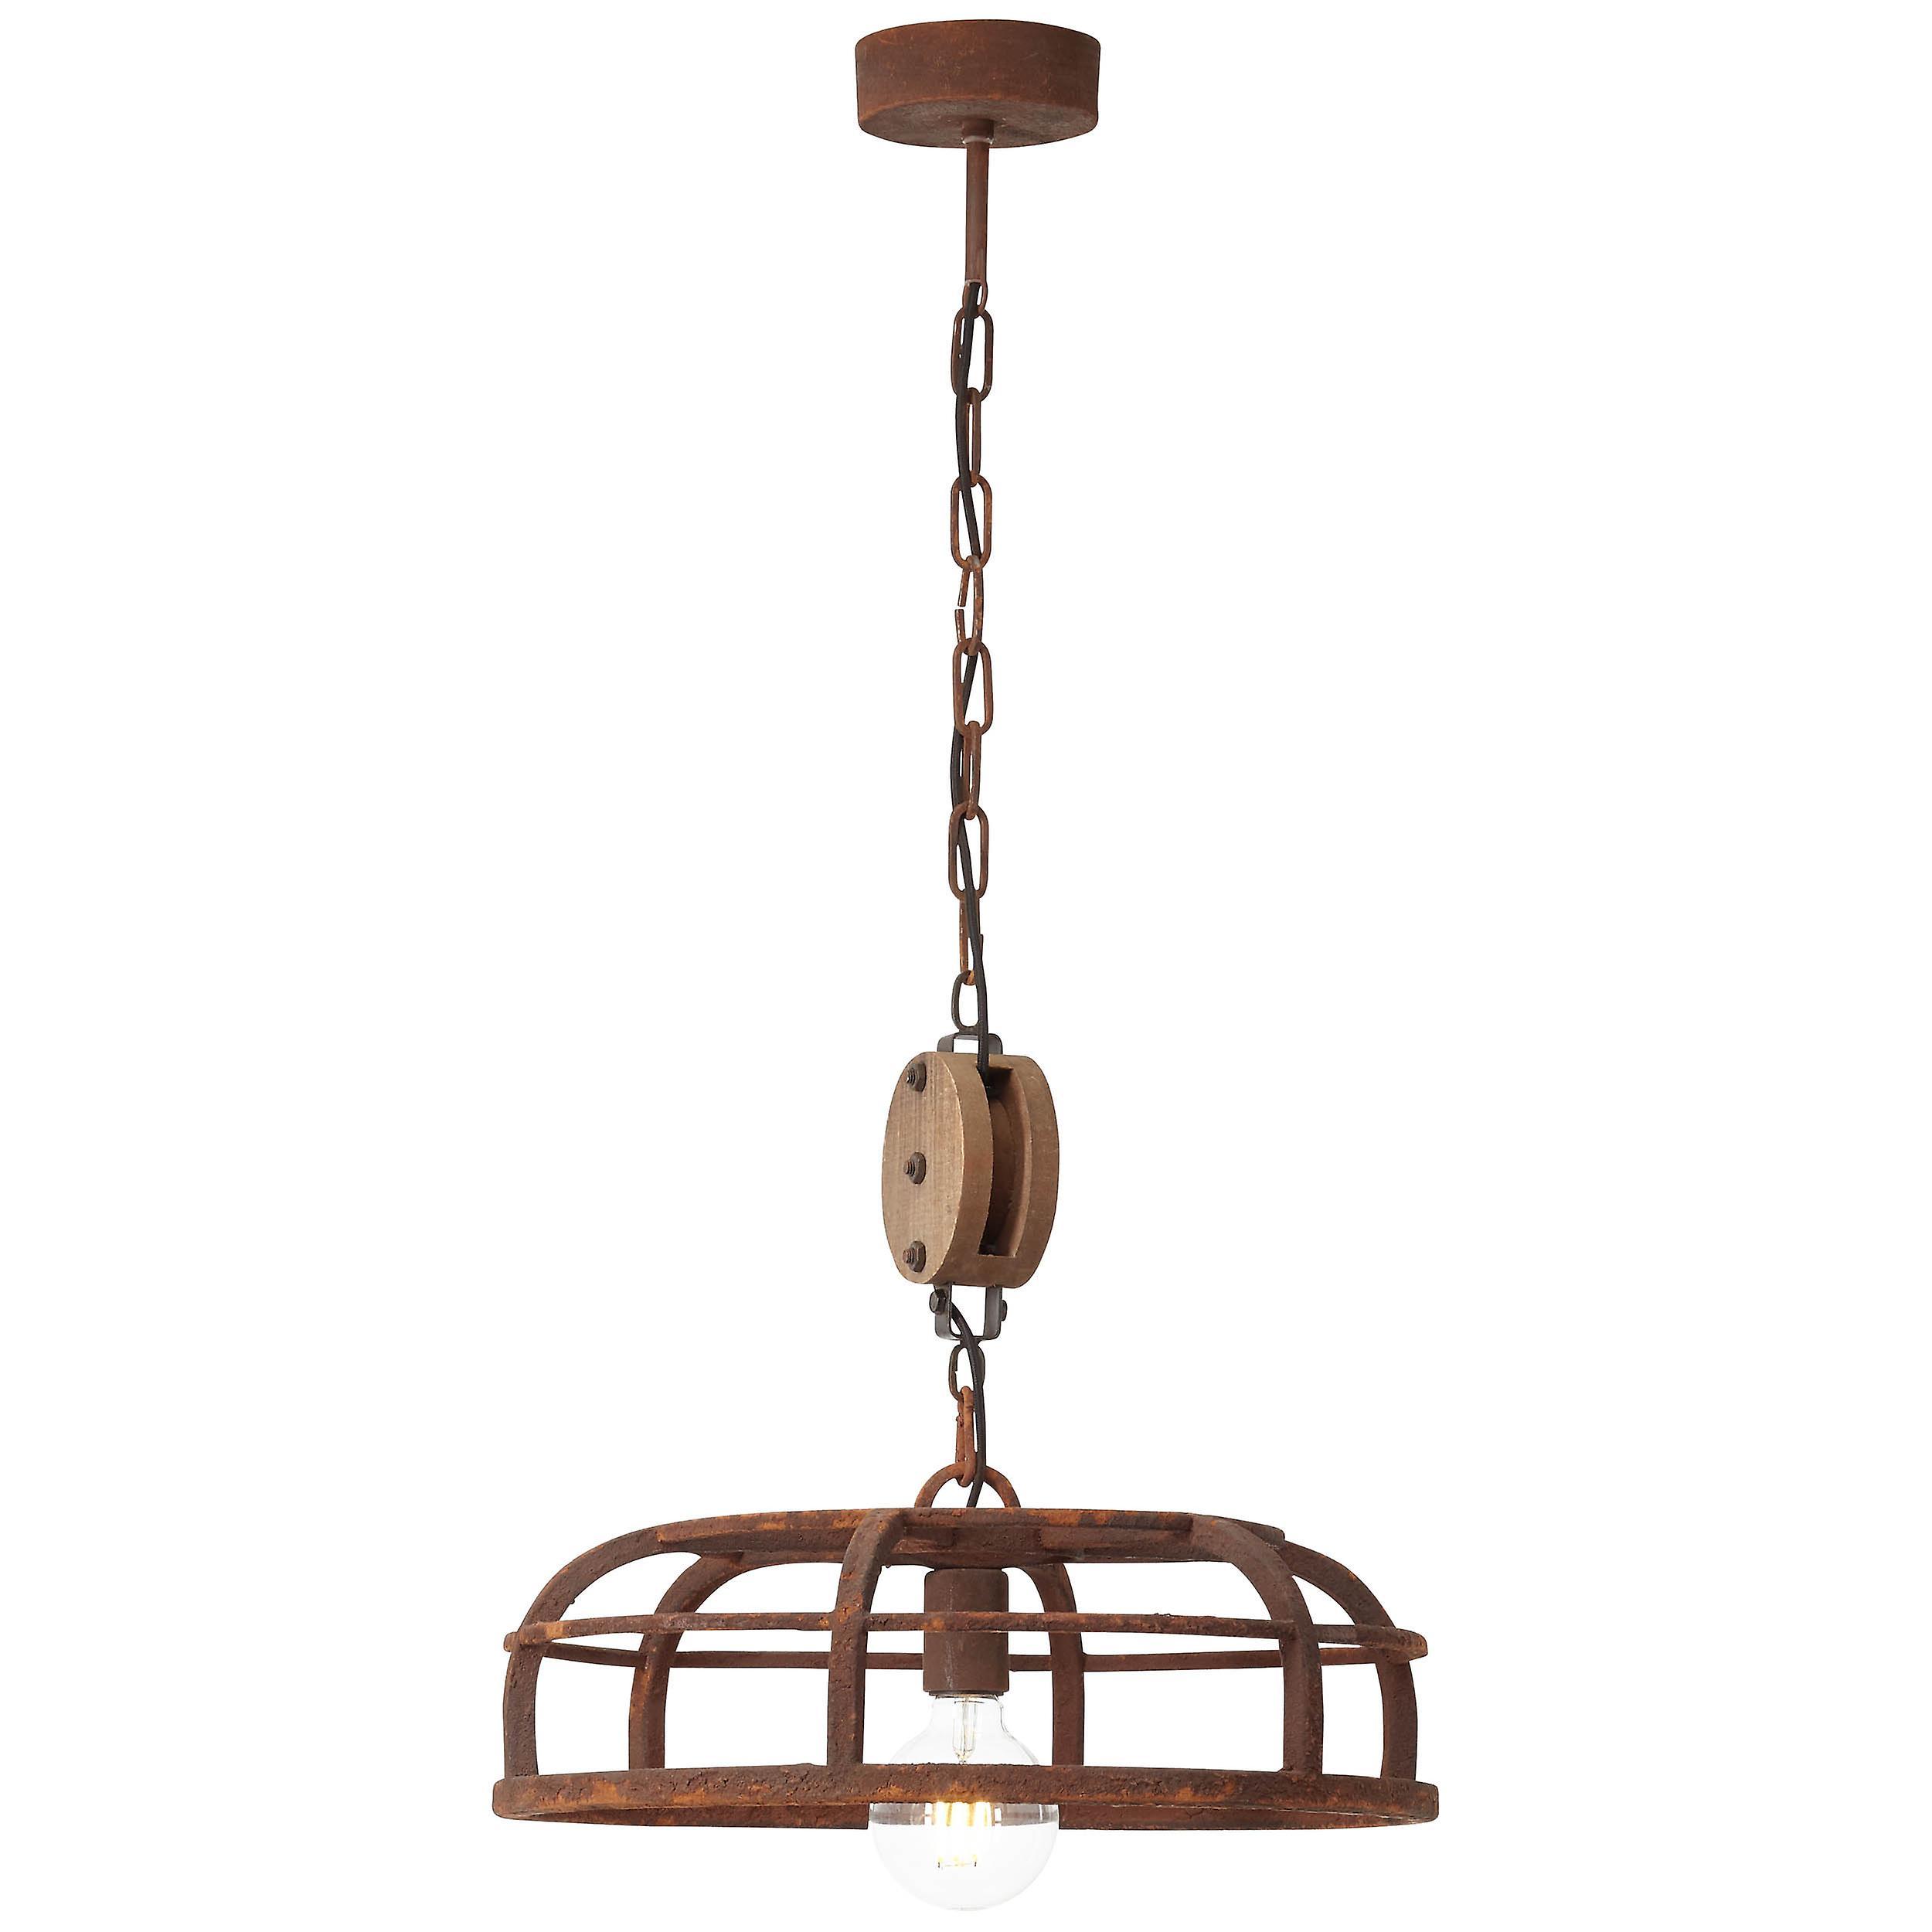 Brilliant Lampe Middle Pendelleuchte 47cm schwarz-rost-braun/gewischt